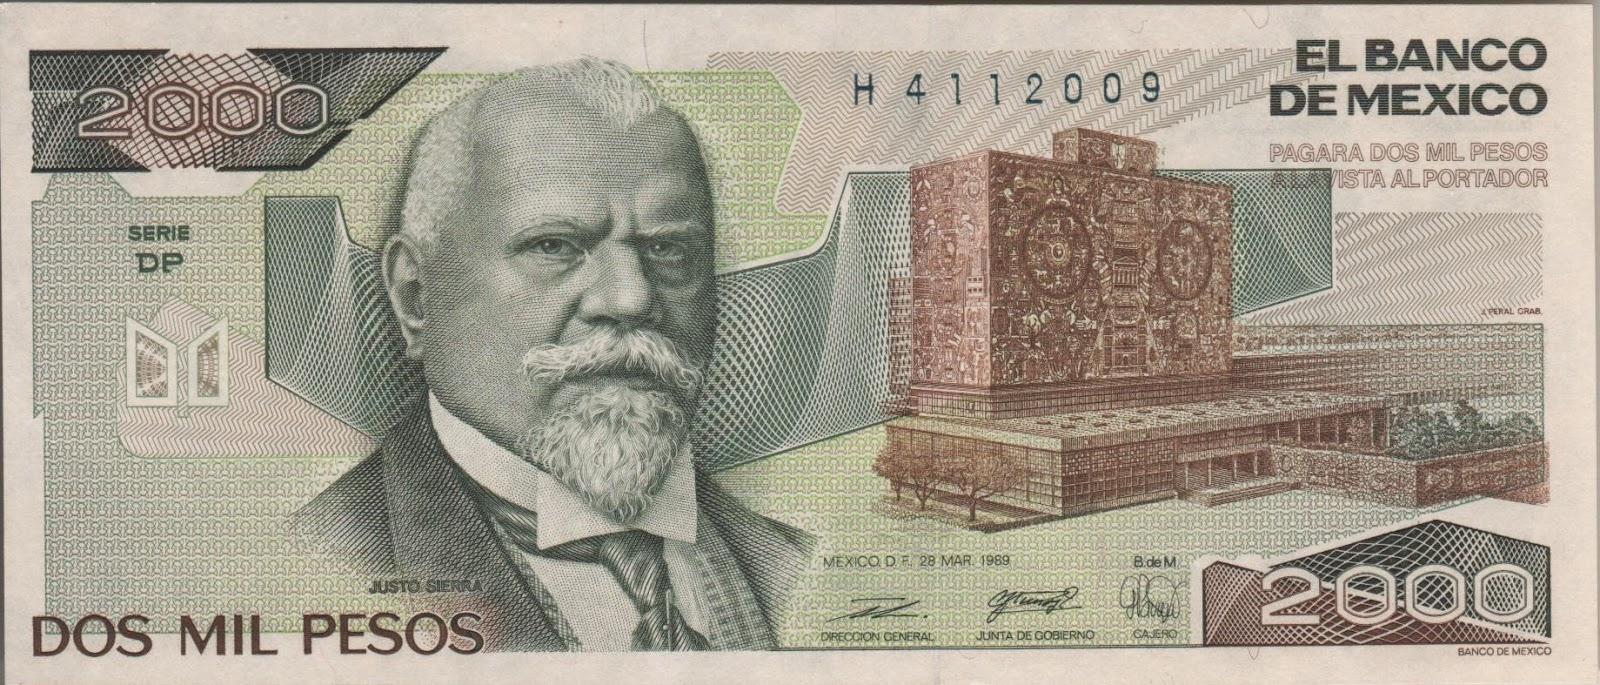 De Lo Social Y Mucho M 225s Billetes Am 233rica Latina